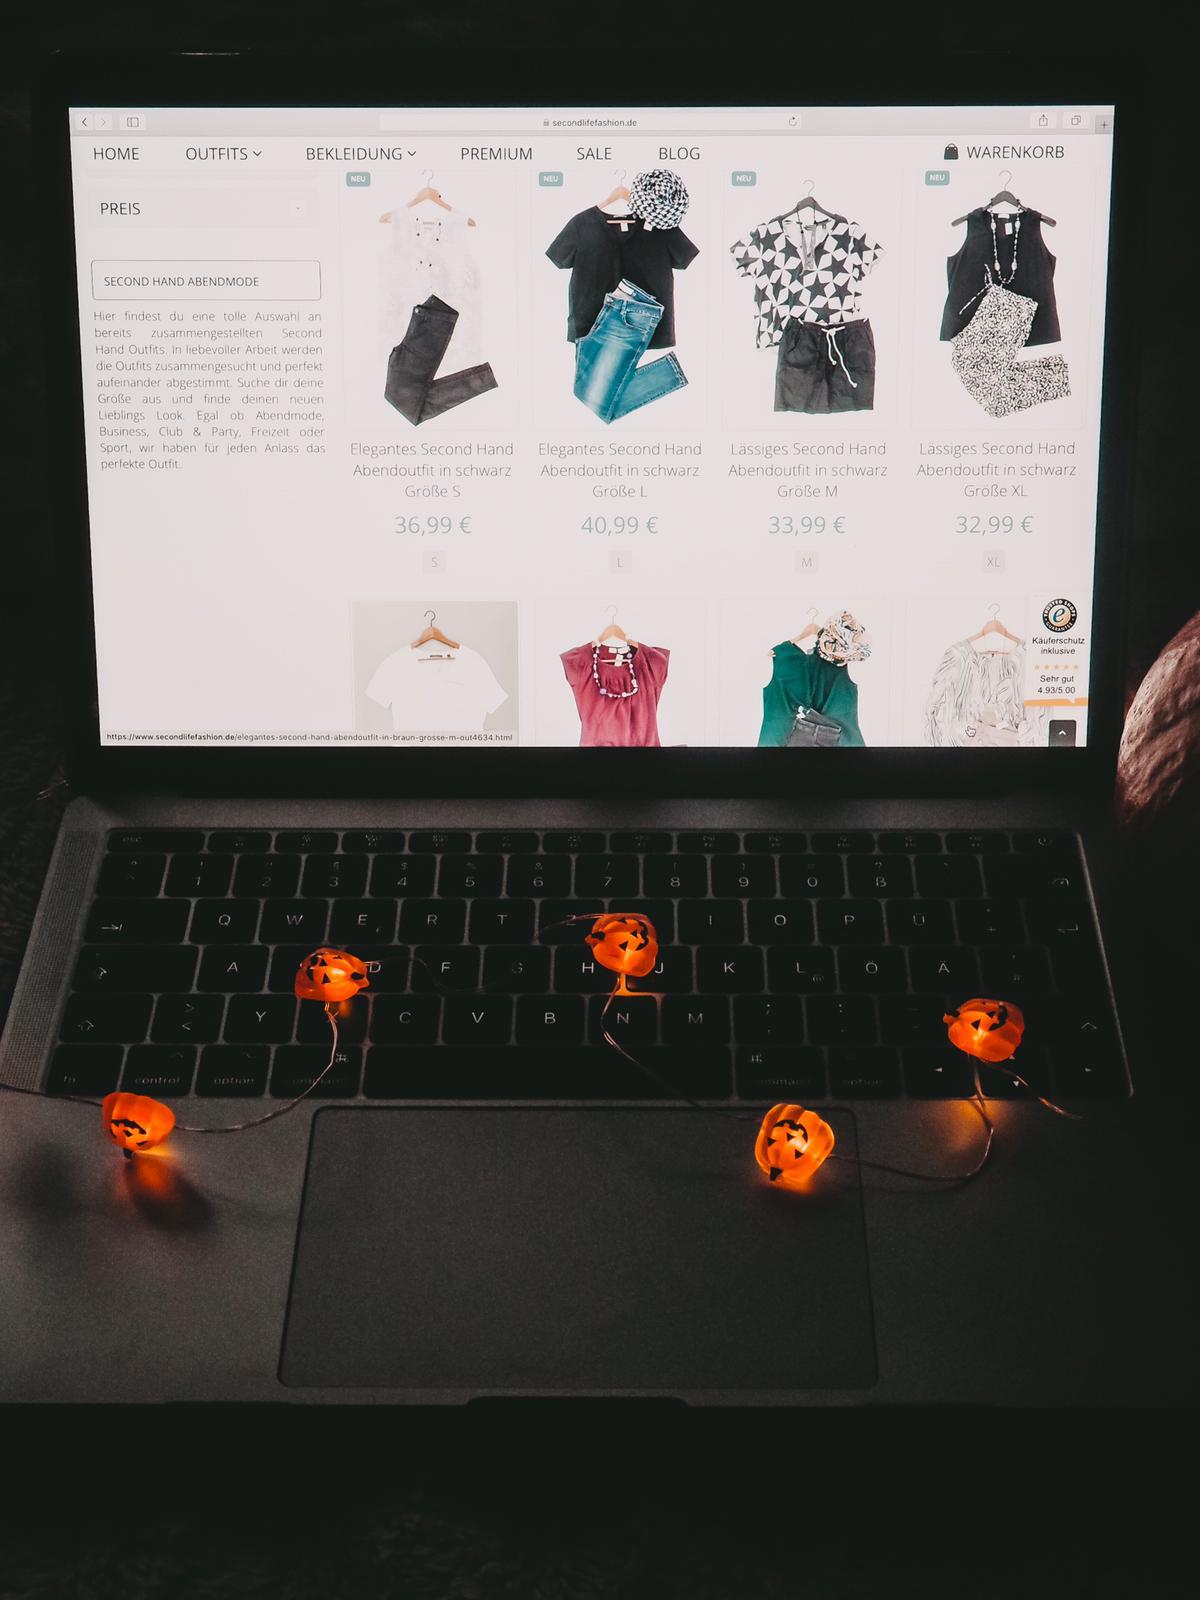 Bei Second Life Fashion findet ihr schöne Second Hand Mode mit Garantie zum Lieblingsteil. Heute zeige ich euch mein lässiges Freizeitoutfit auf dem Blog.